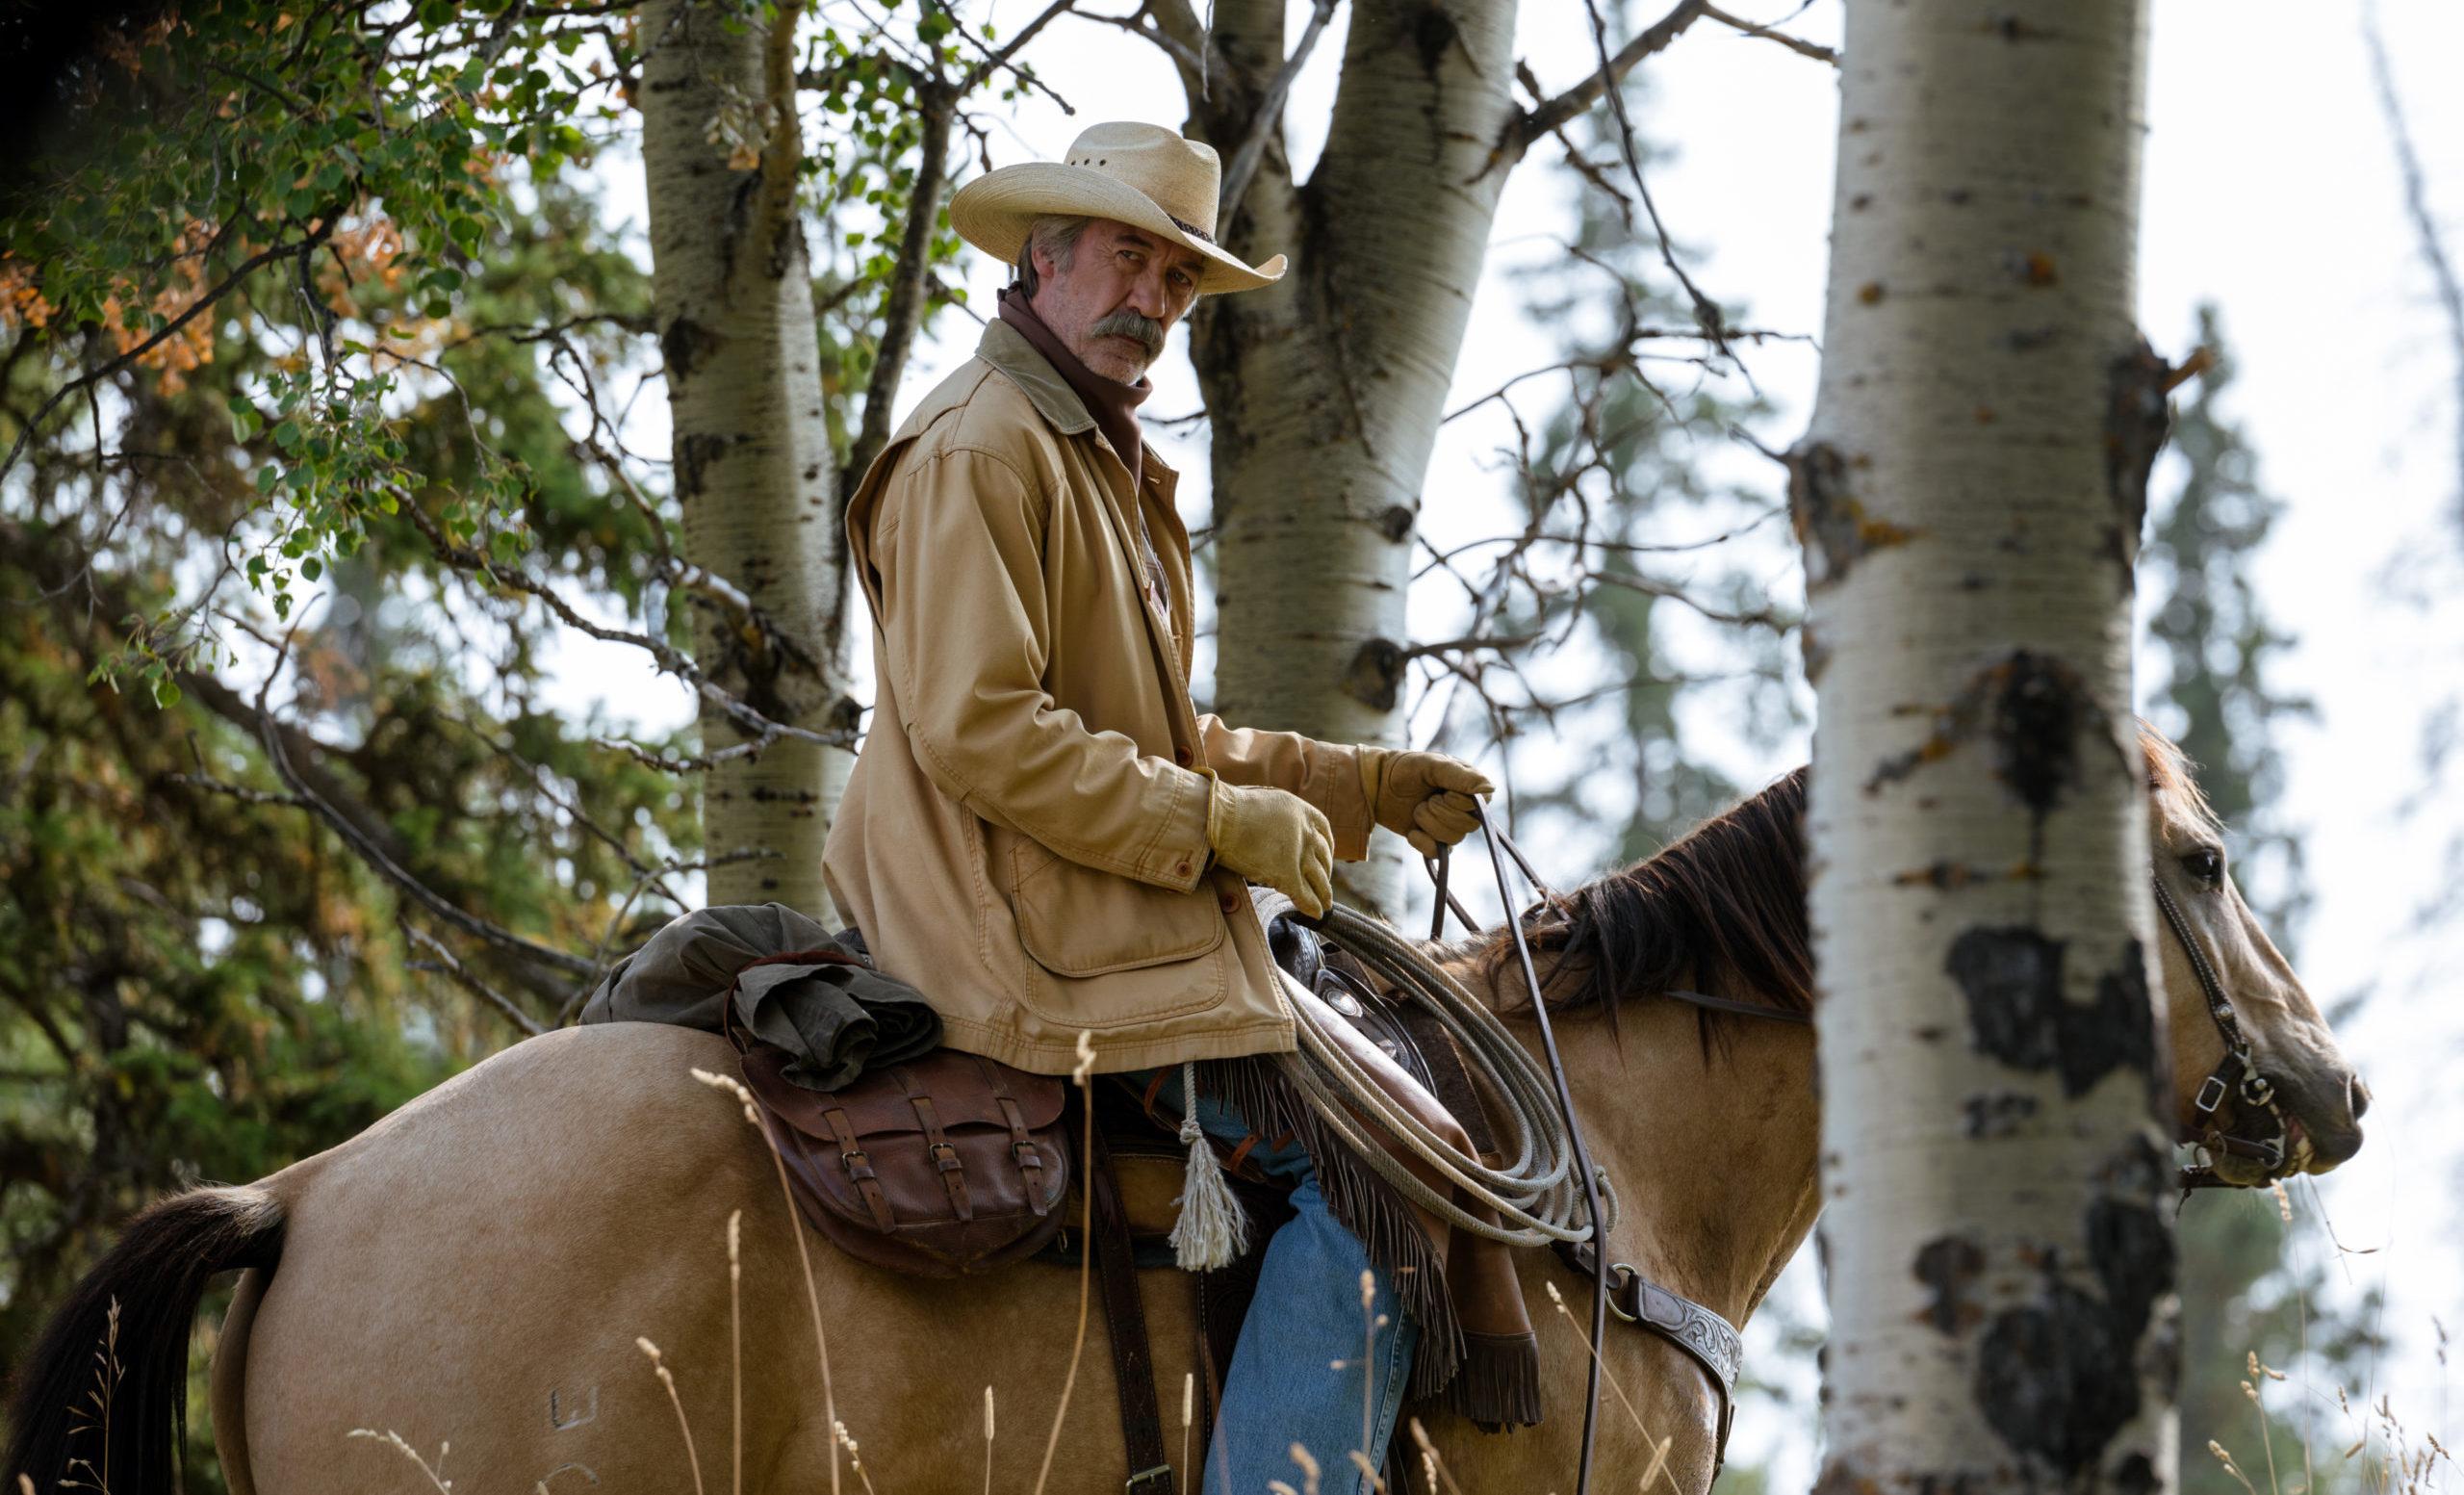 Heartland: Renouvellement de la saison 15 d'une série dramatique familiale canadienne